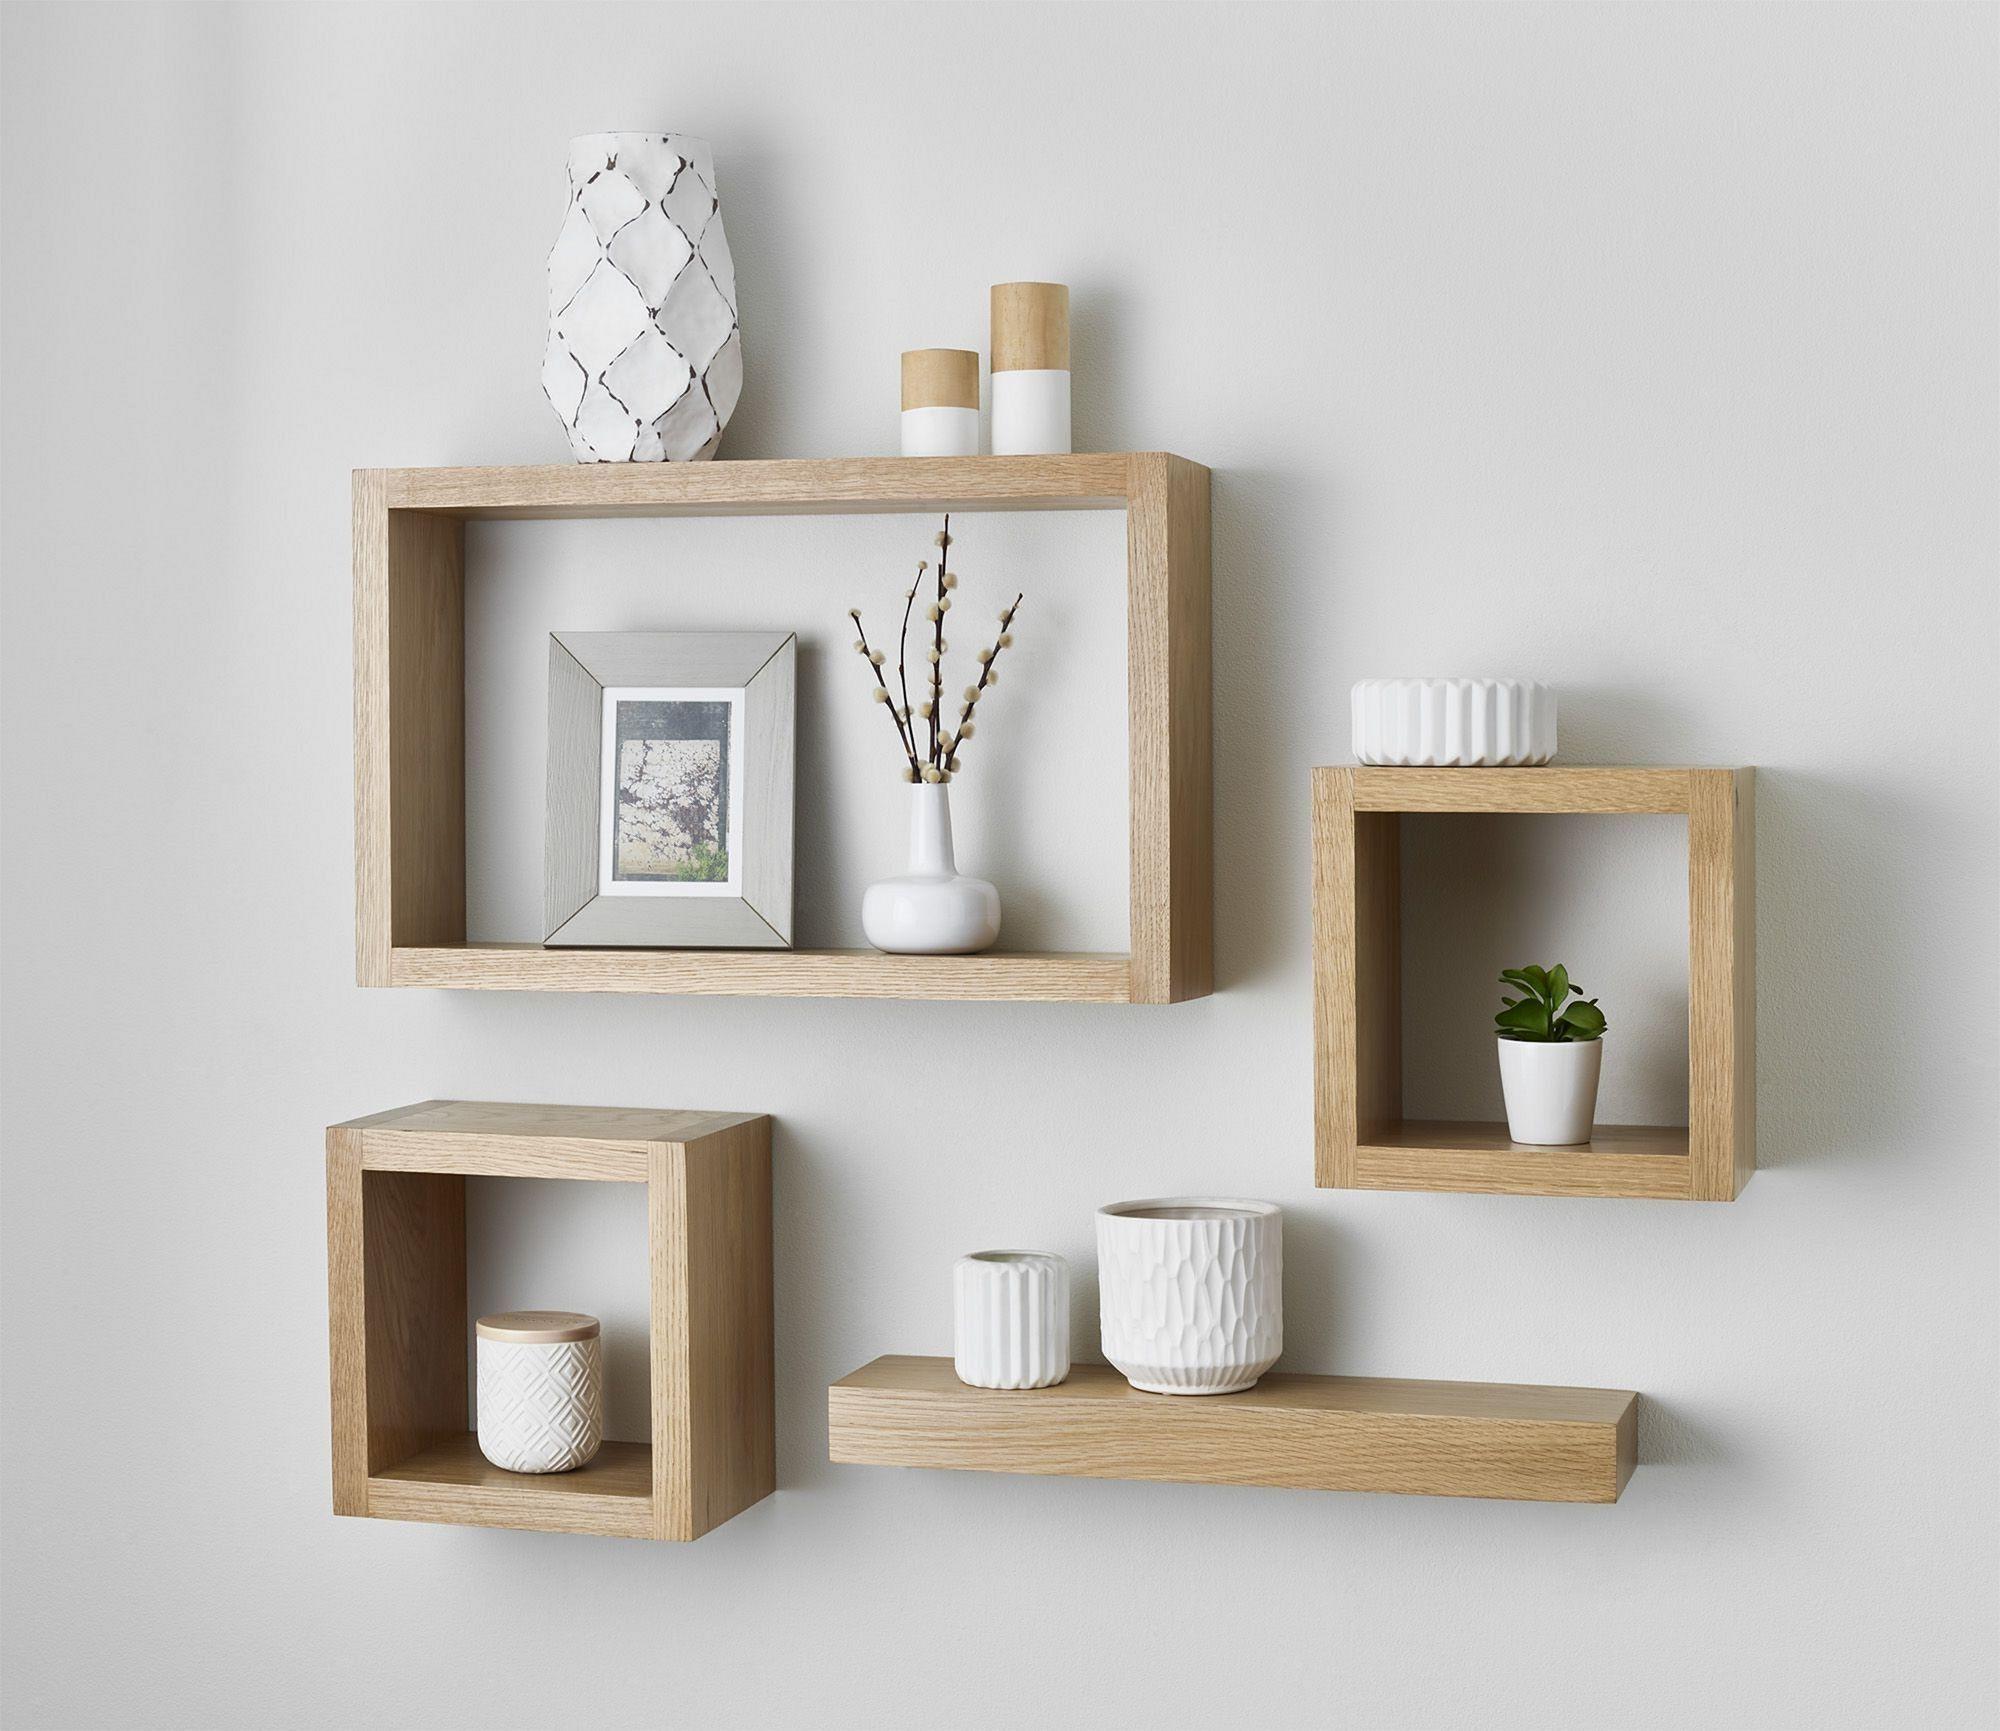 18 Fabulous DIY Floating Shelves For Living Room Interior en 1818